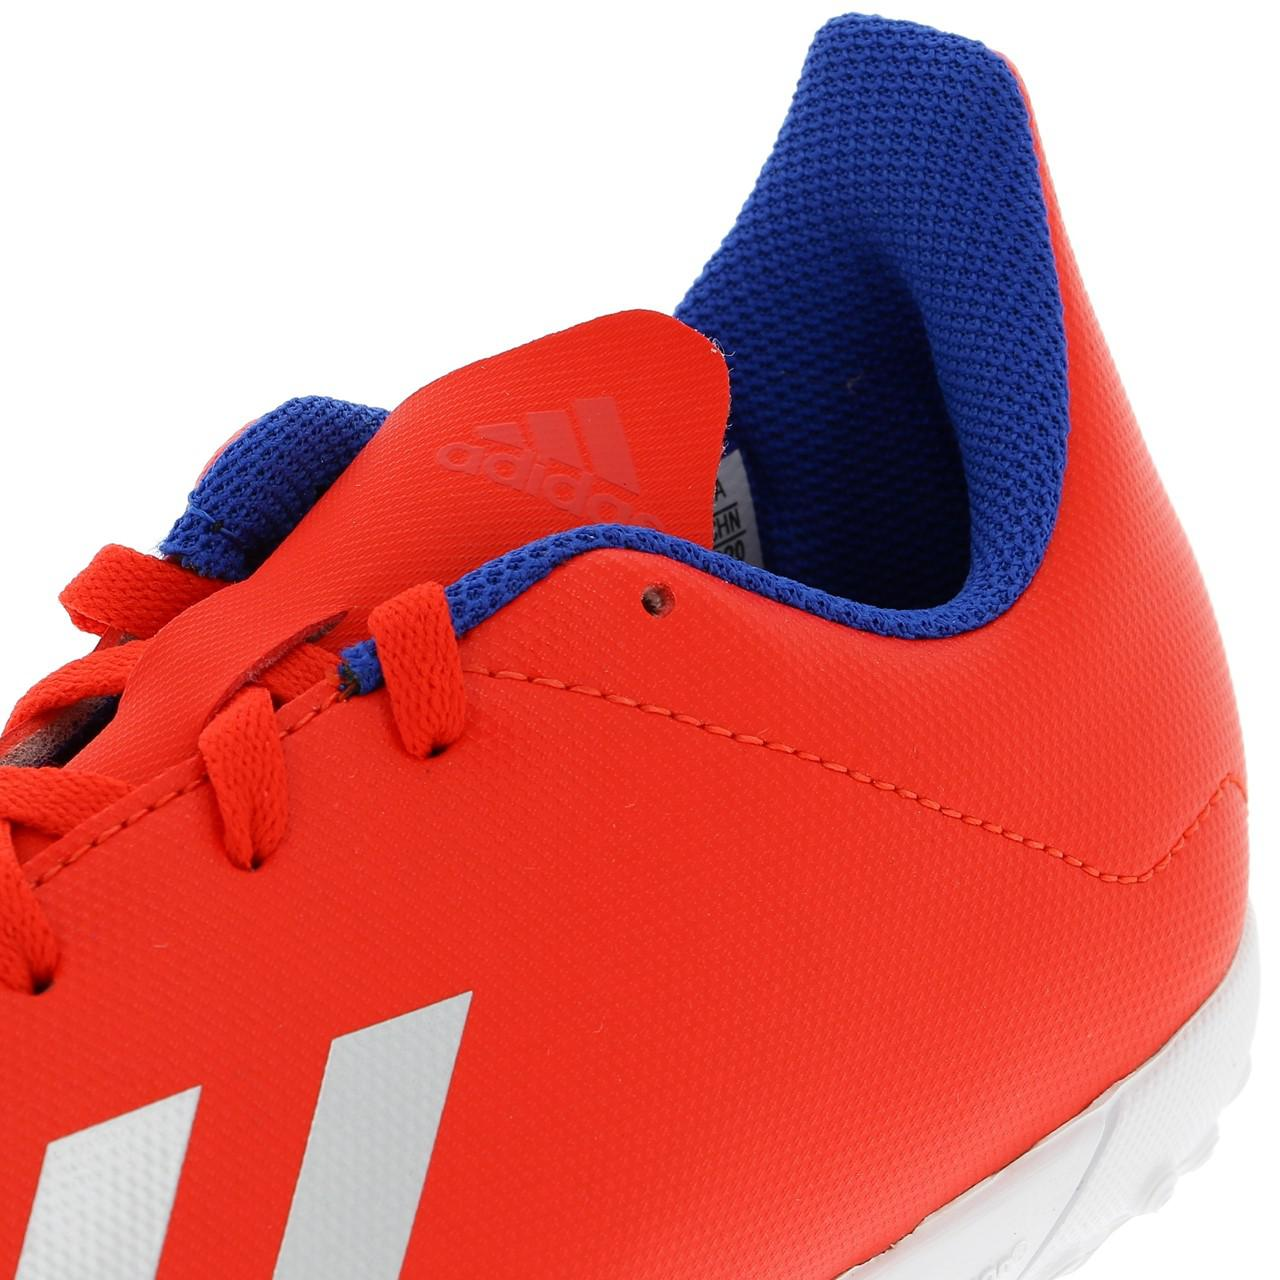 Football-Shoes-Bathroom-Indoor-Adidas-x-18-4-Tf-Jr-Red-54736-New thumbnail 2